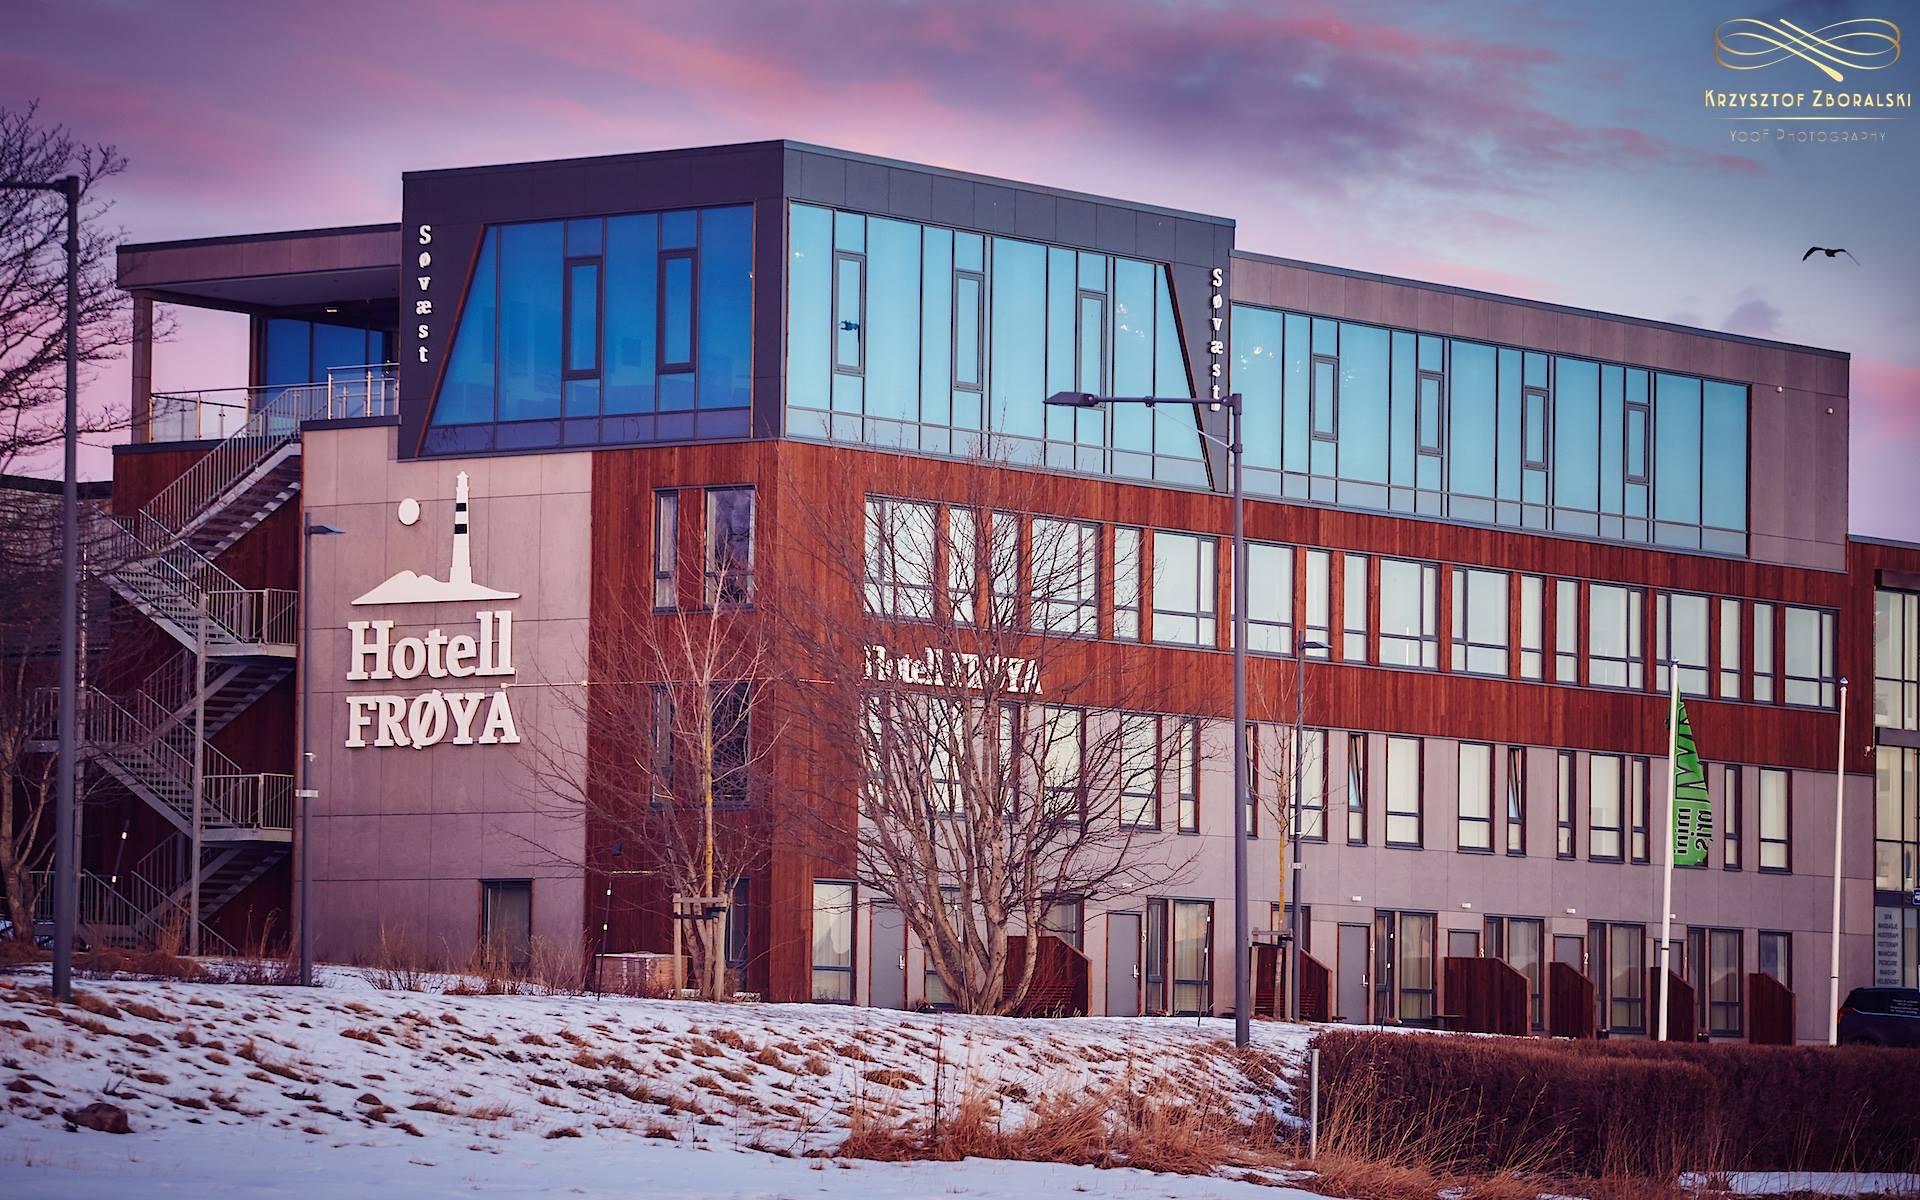 Hotell Frøya